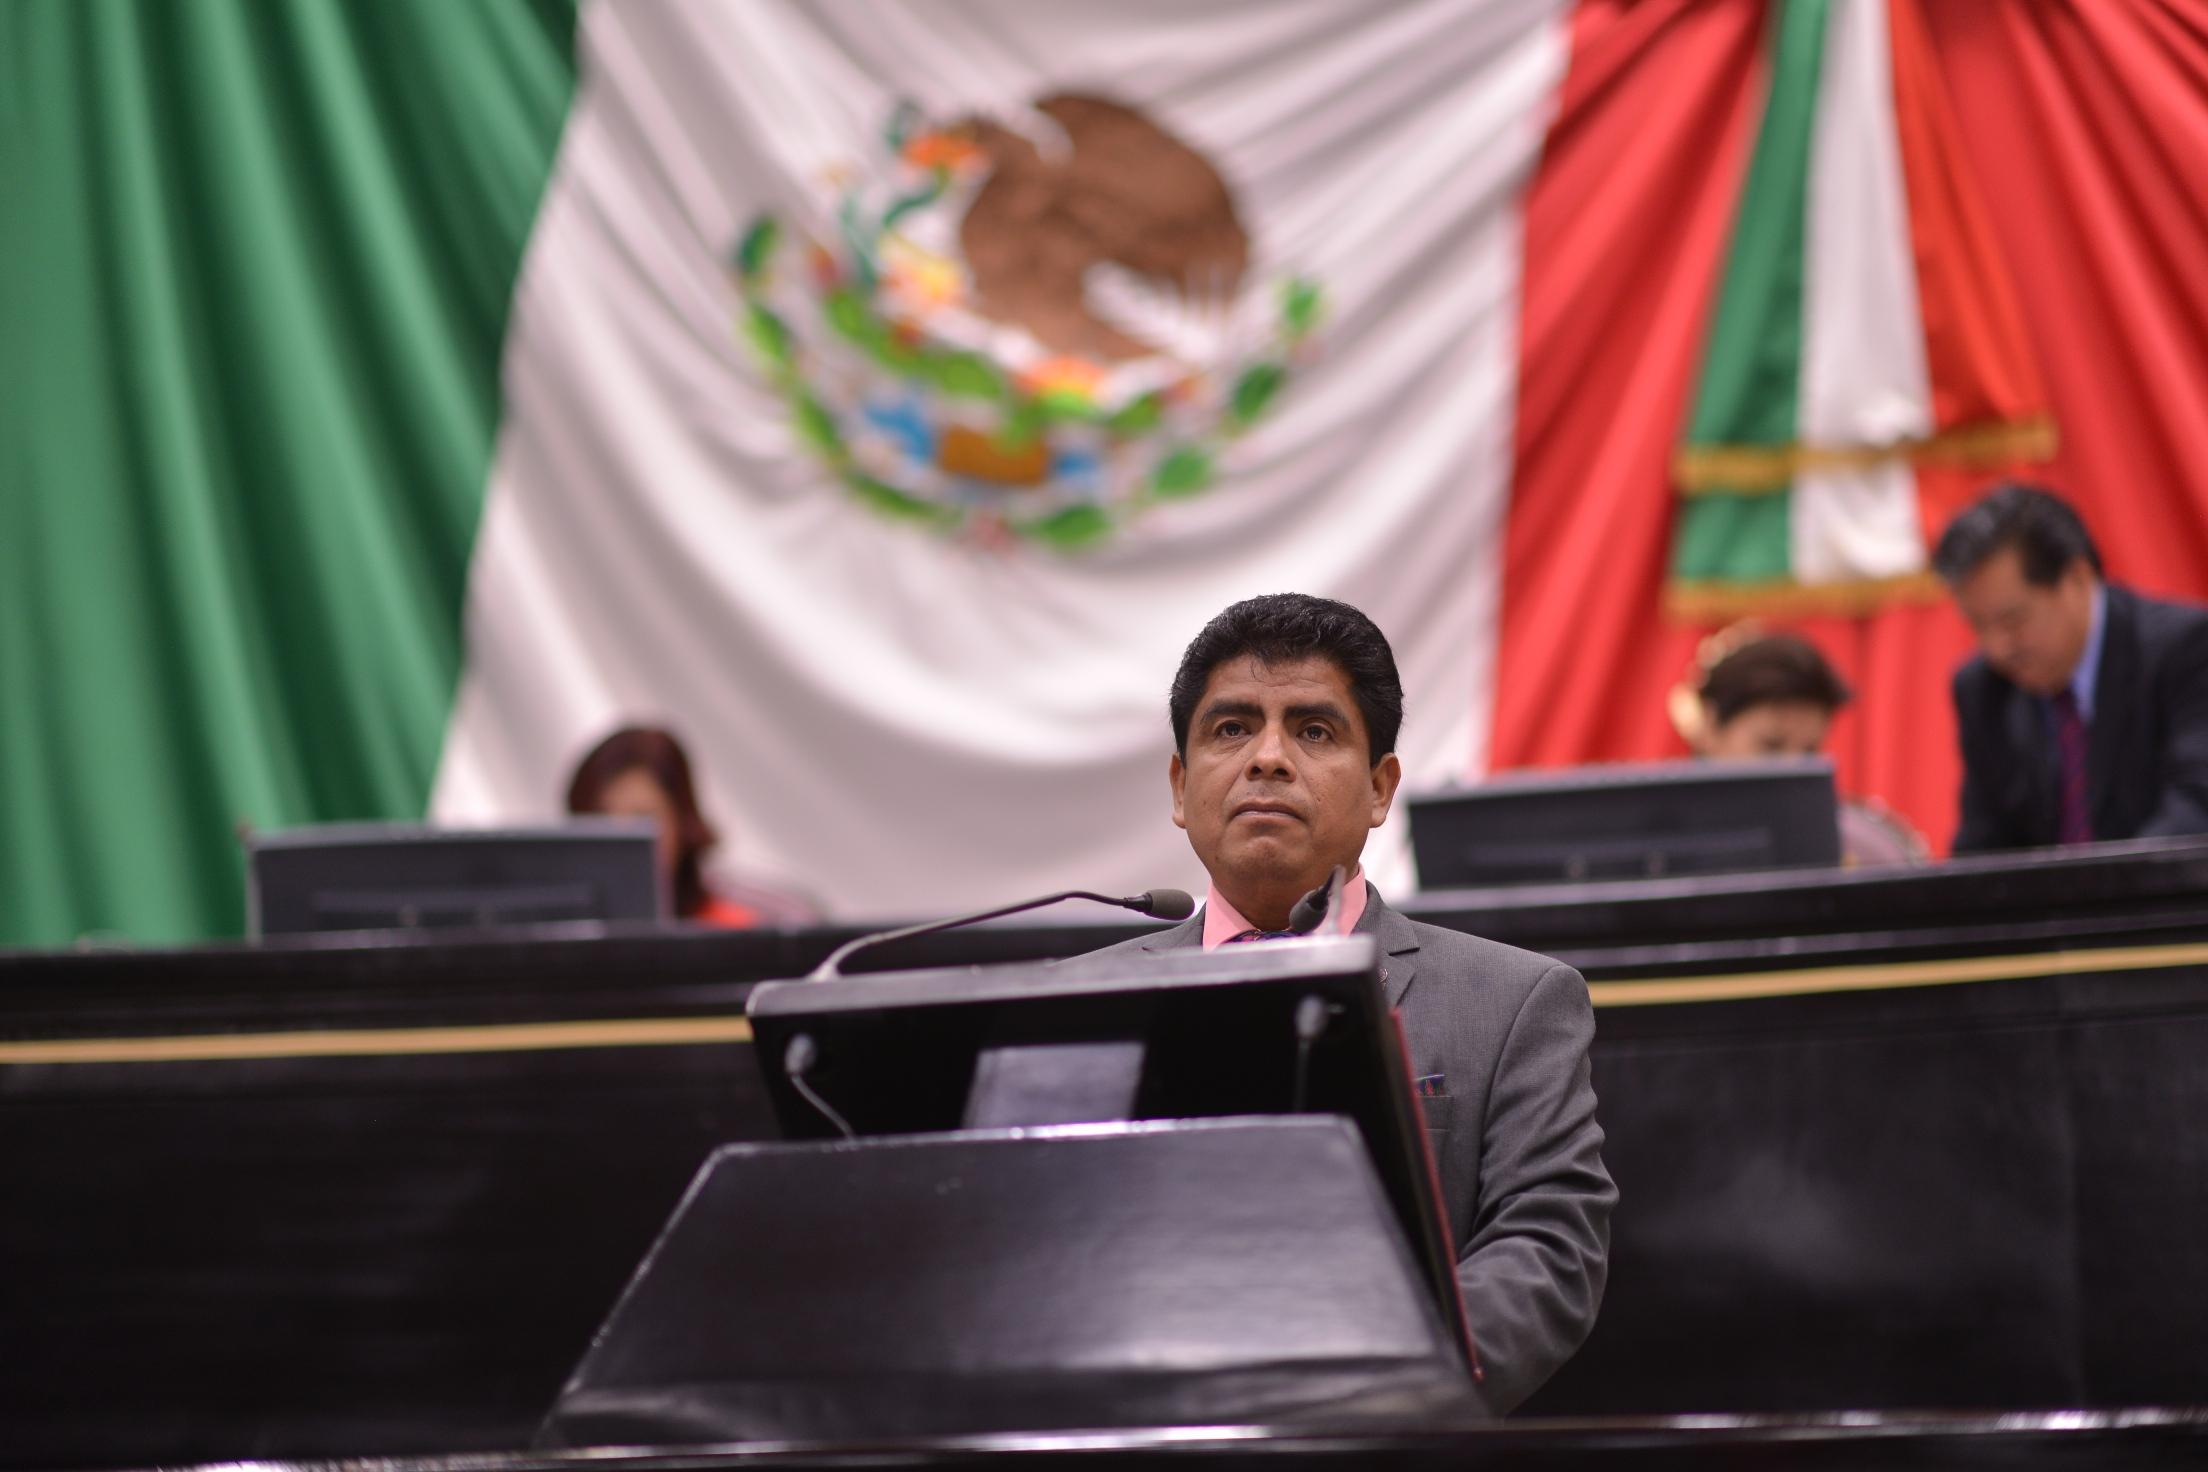 Propone diputado Nicolás de la Cruz ley que regule los centros de cuidado infantil